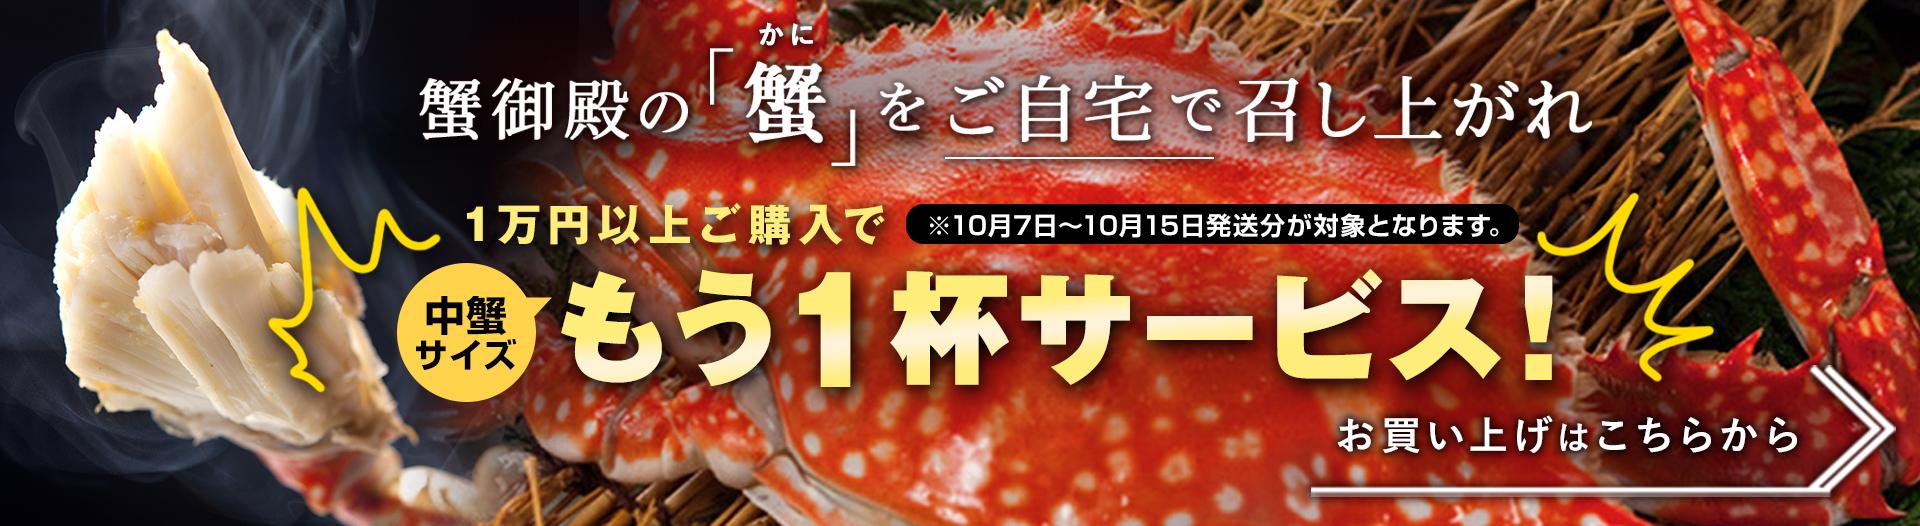 蟹御殿の「蟹」をご自宅で召し上がれ 10,000円から送料無料 お買い上げはこちらから